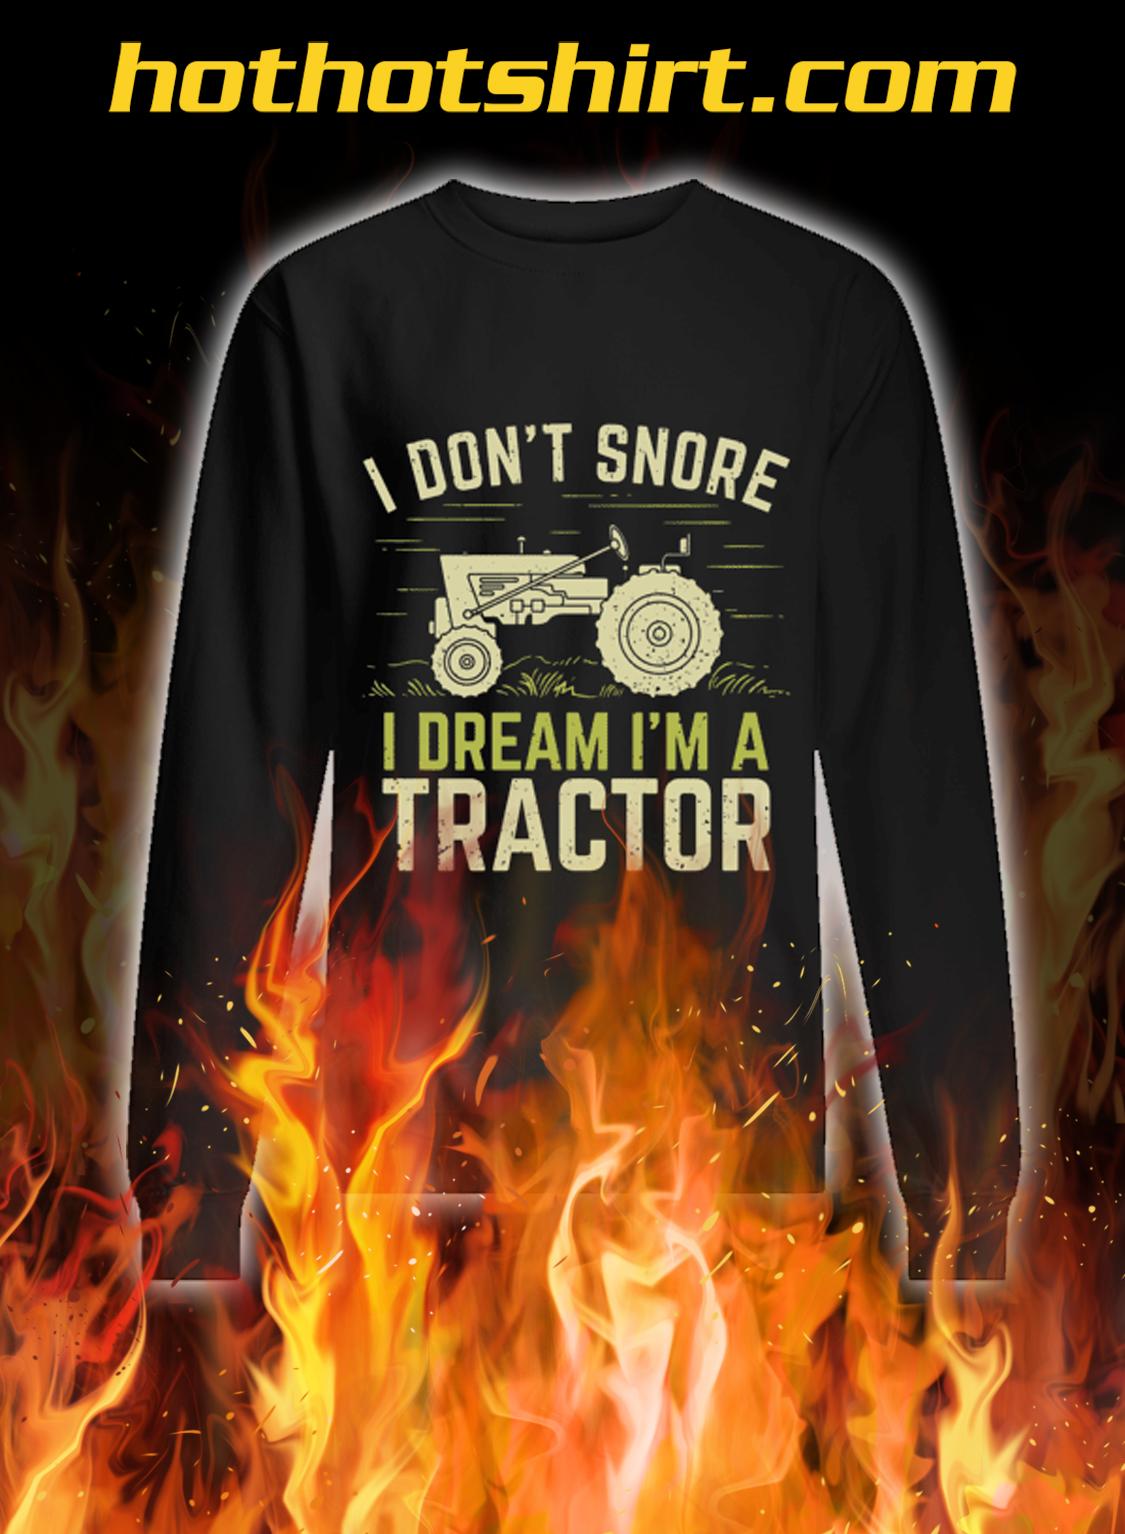 I Don't snore i dream i'm a tractor sweatshirt